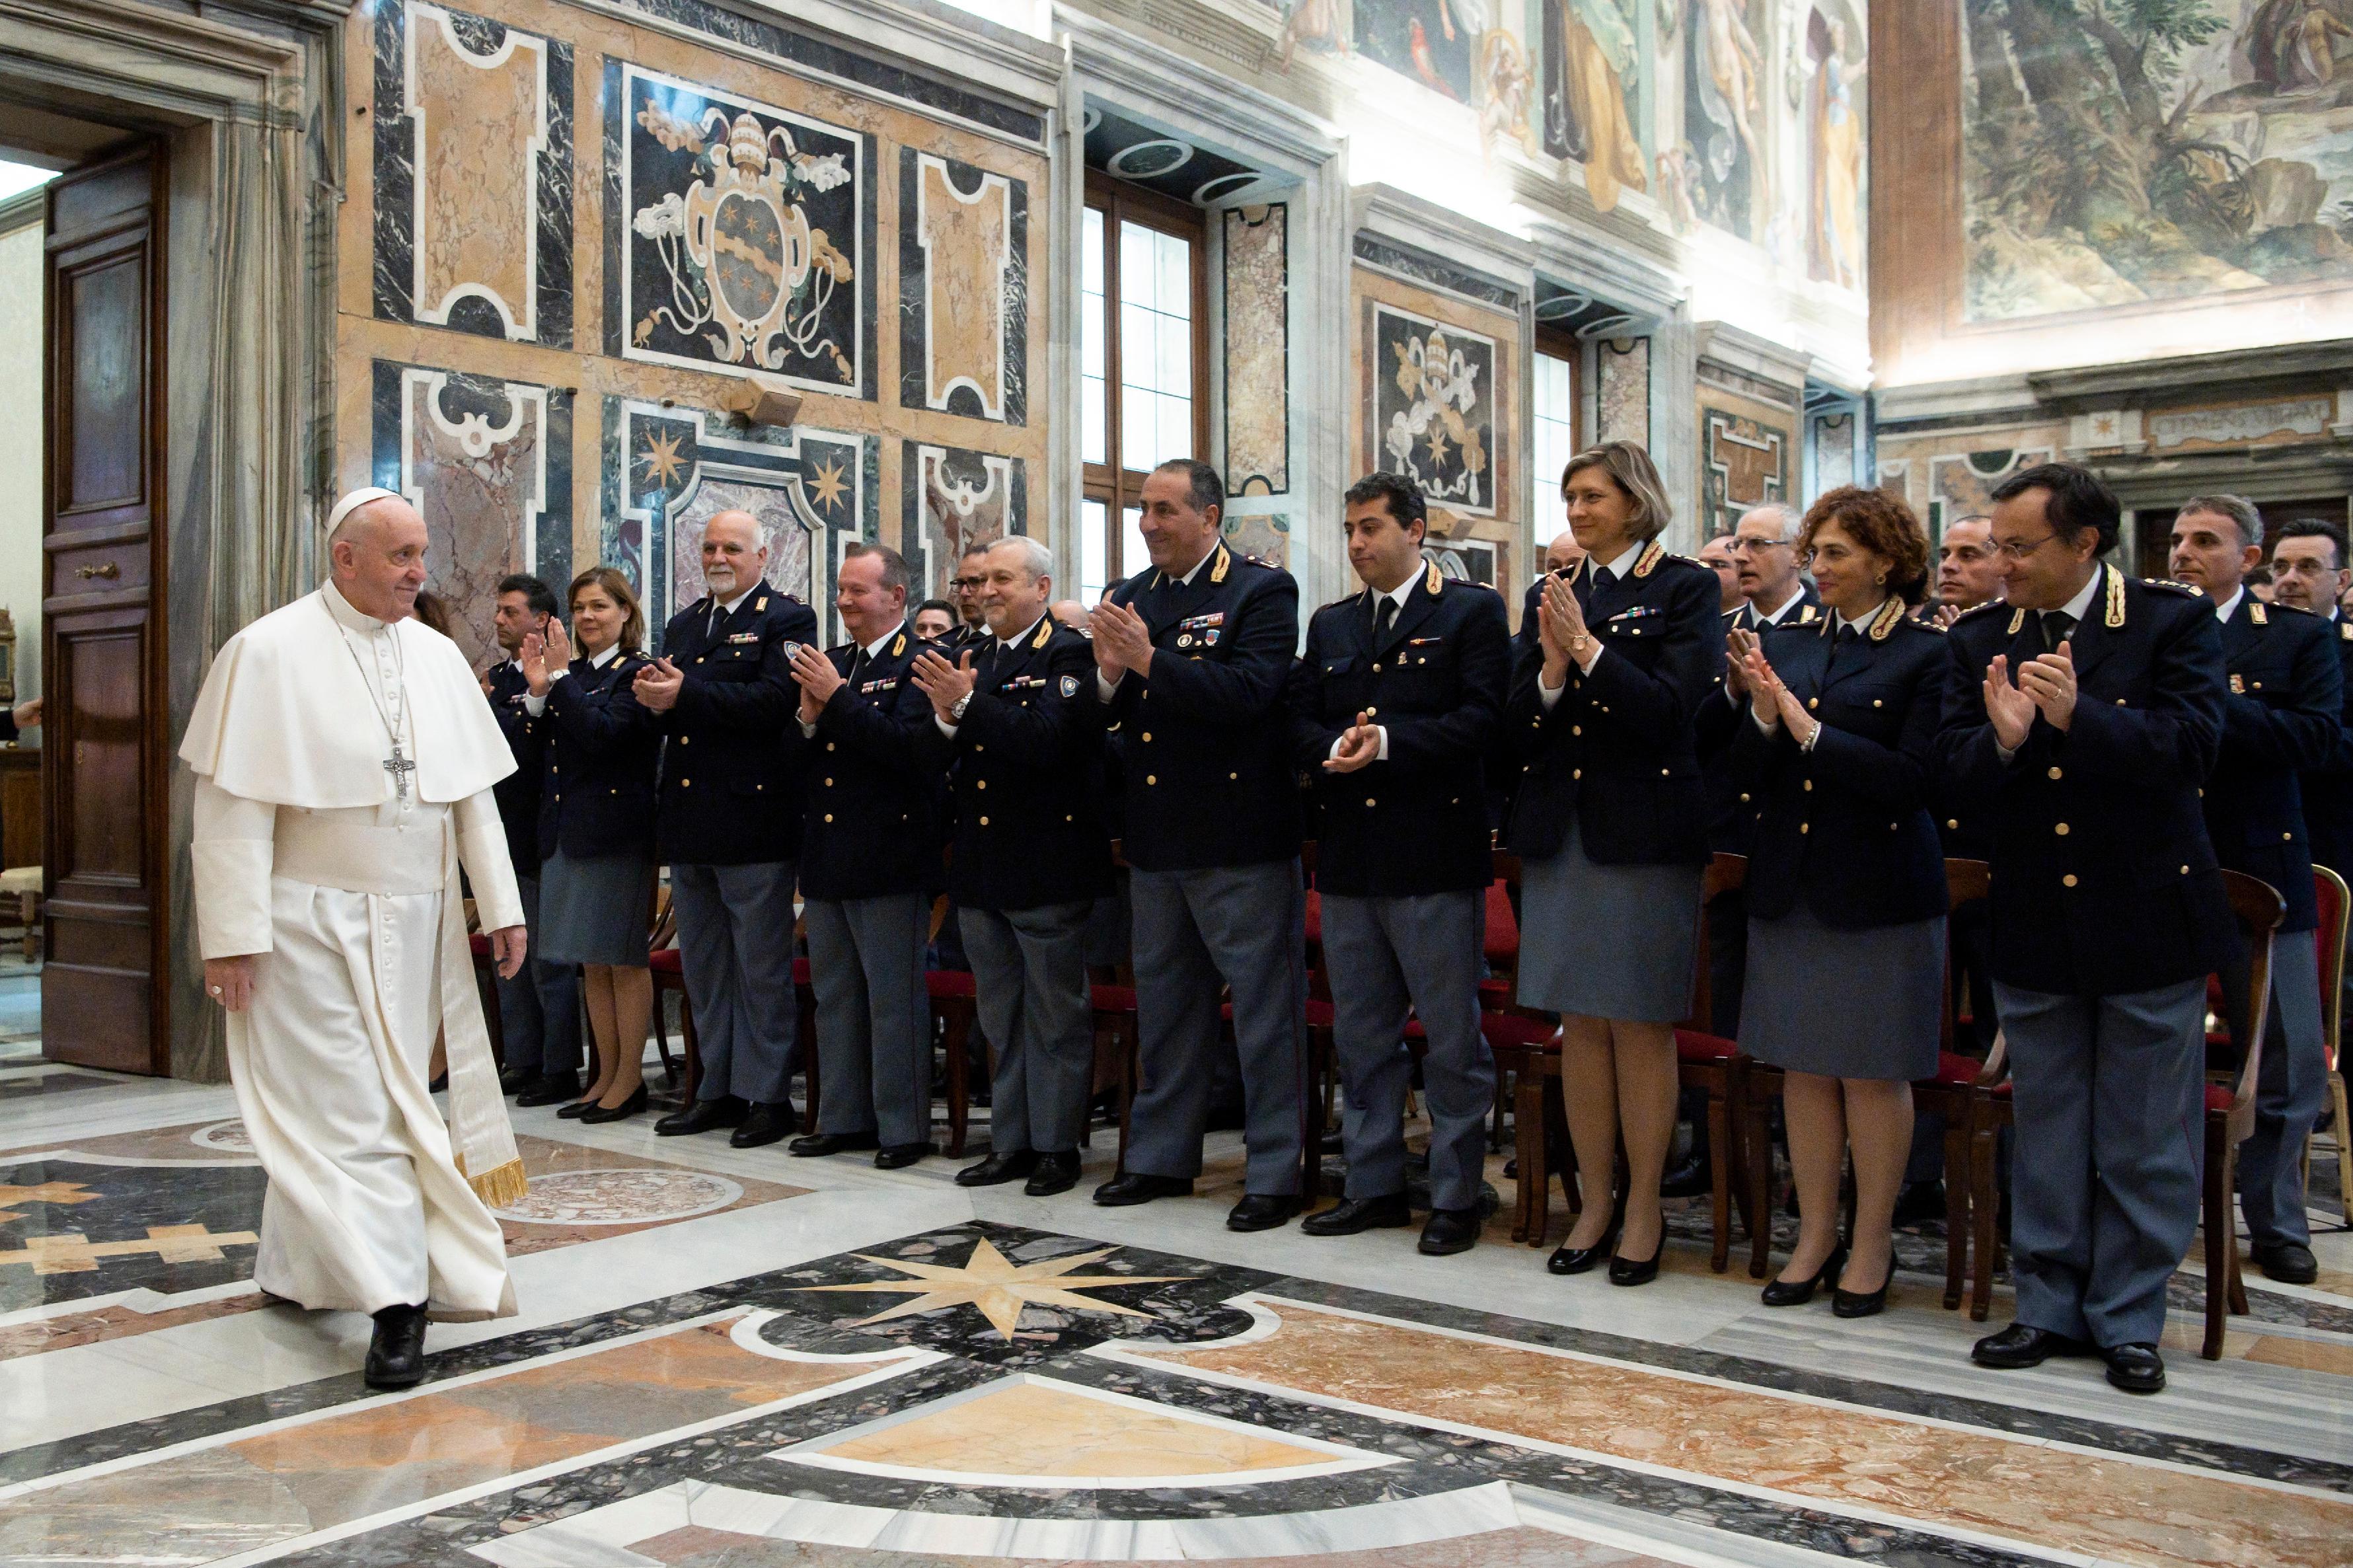 El Papa saluda a las personas de Inspección de Seguridad en el Vaticano © Vatican Media